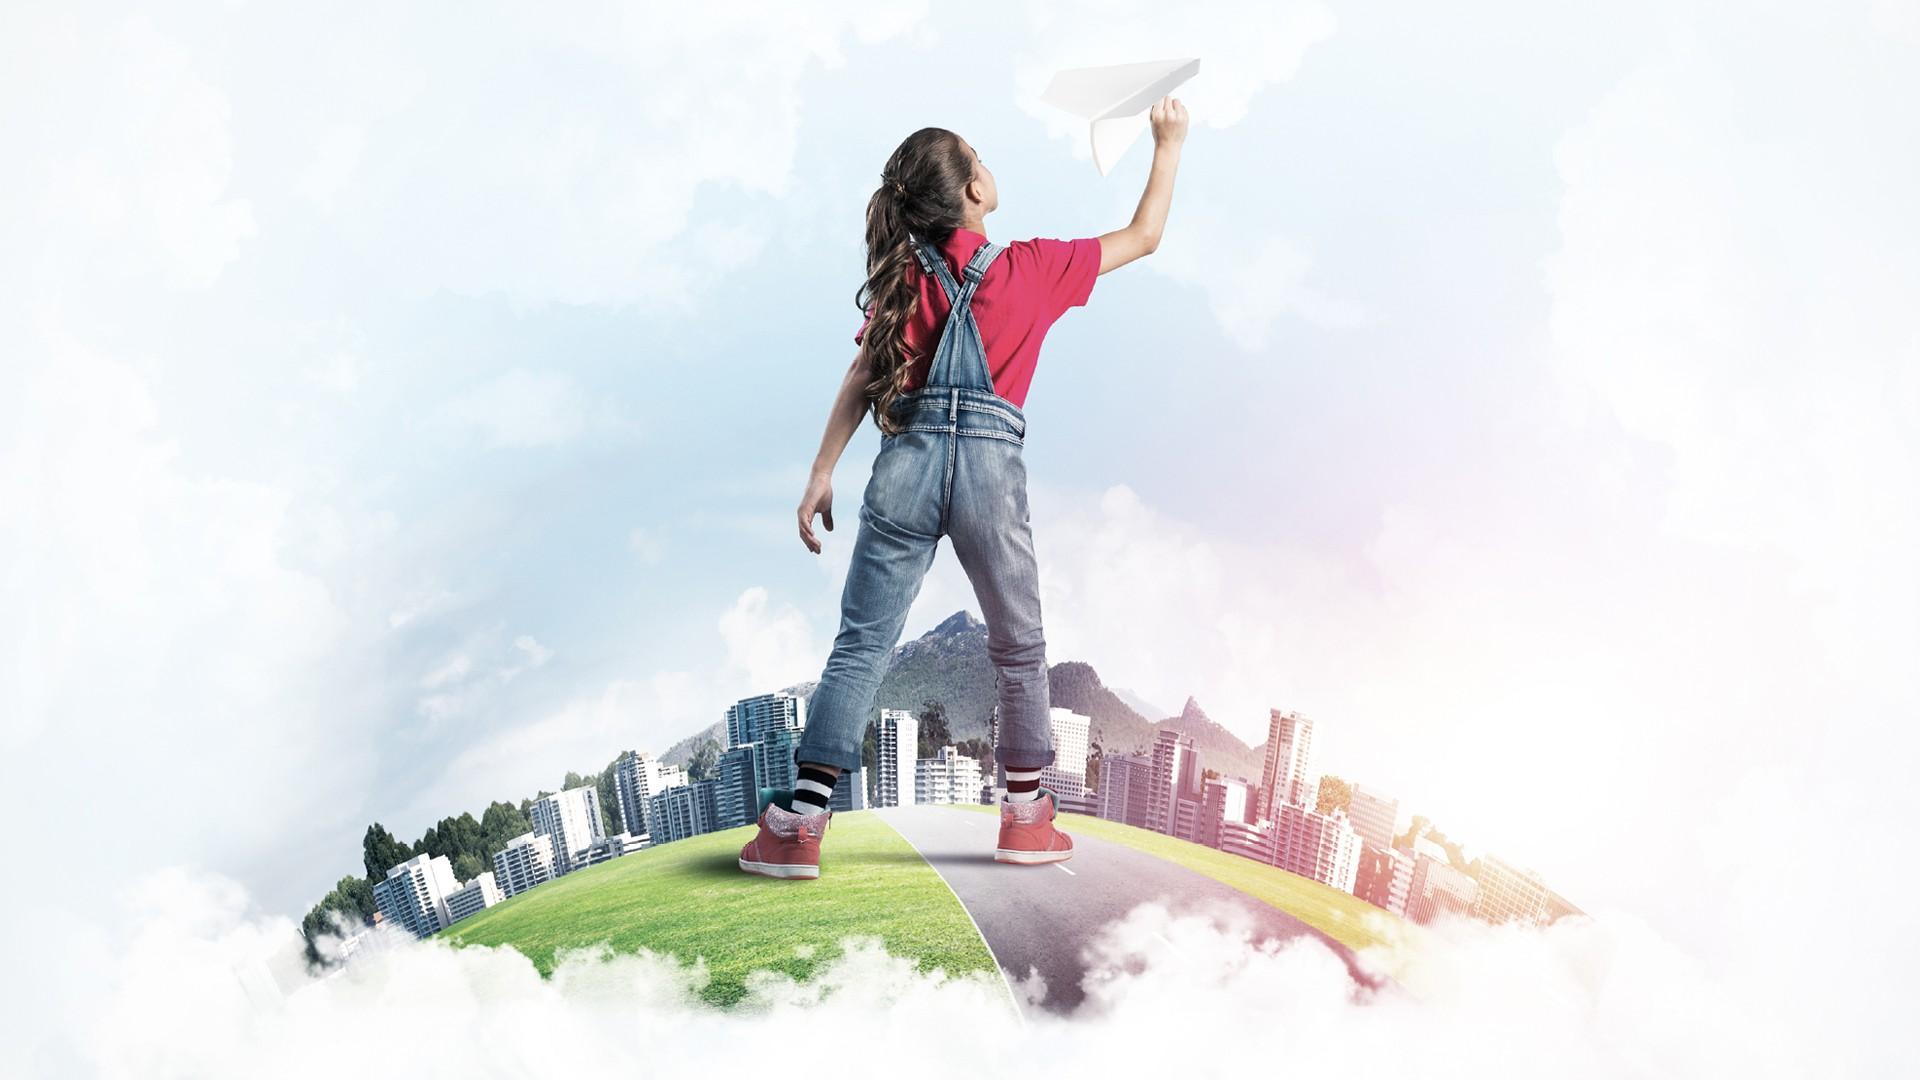 Bambina che lancia aeroplano di carta con città sullo sfondo